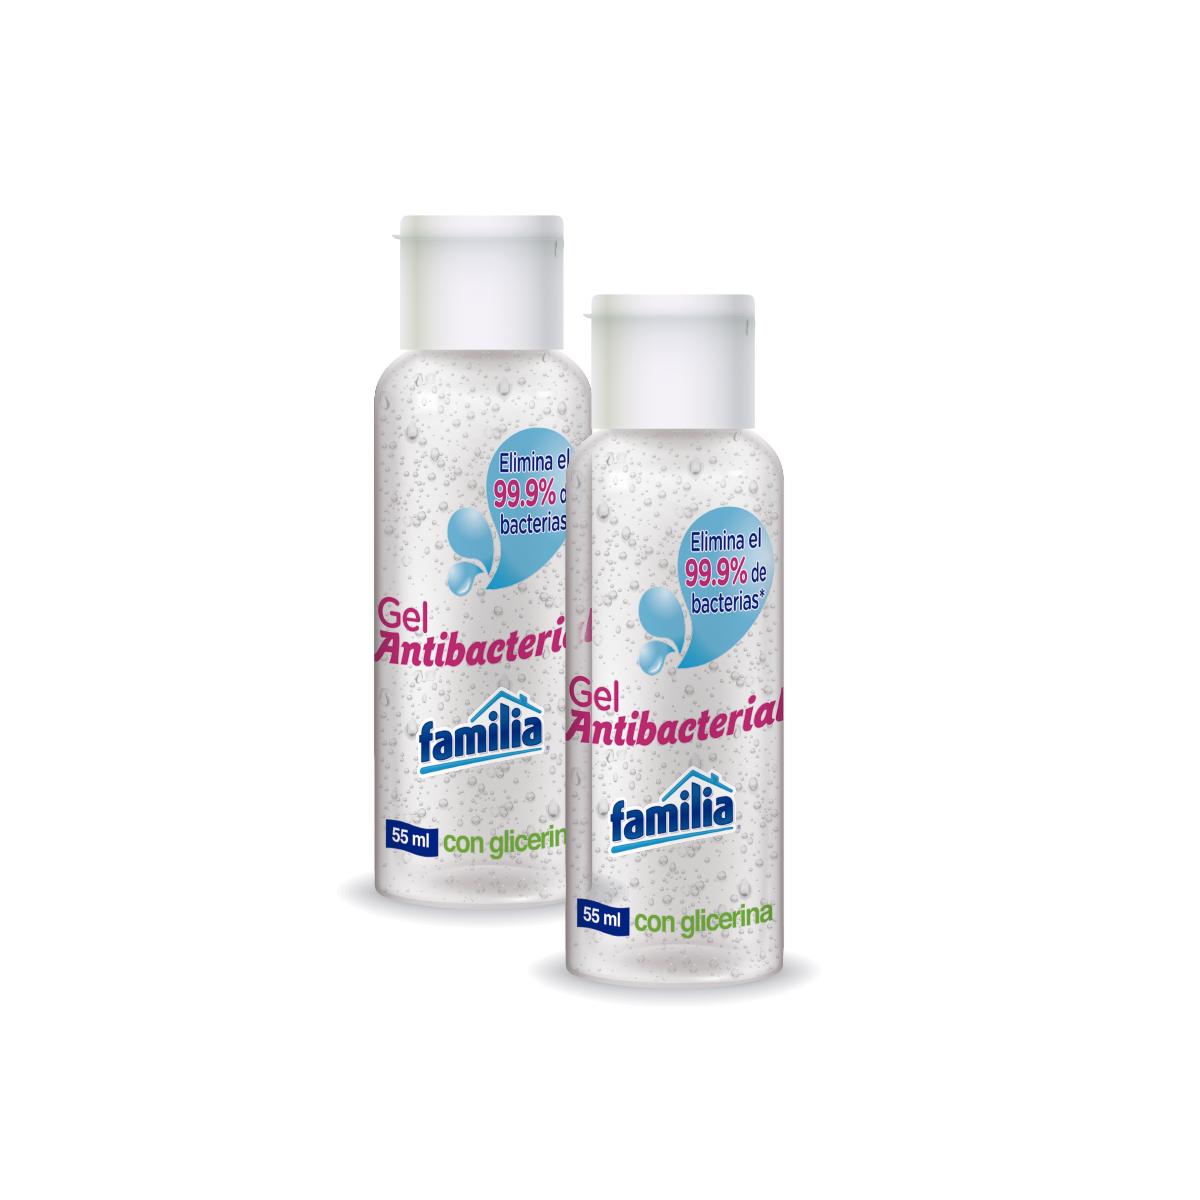 Imagen Combo Gel Antibacterial Familia x 110 ml (55ml c/u)